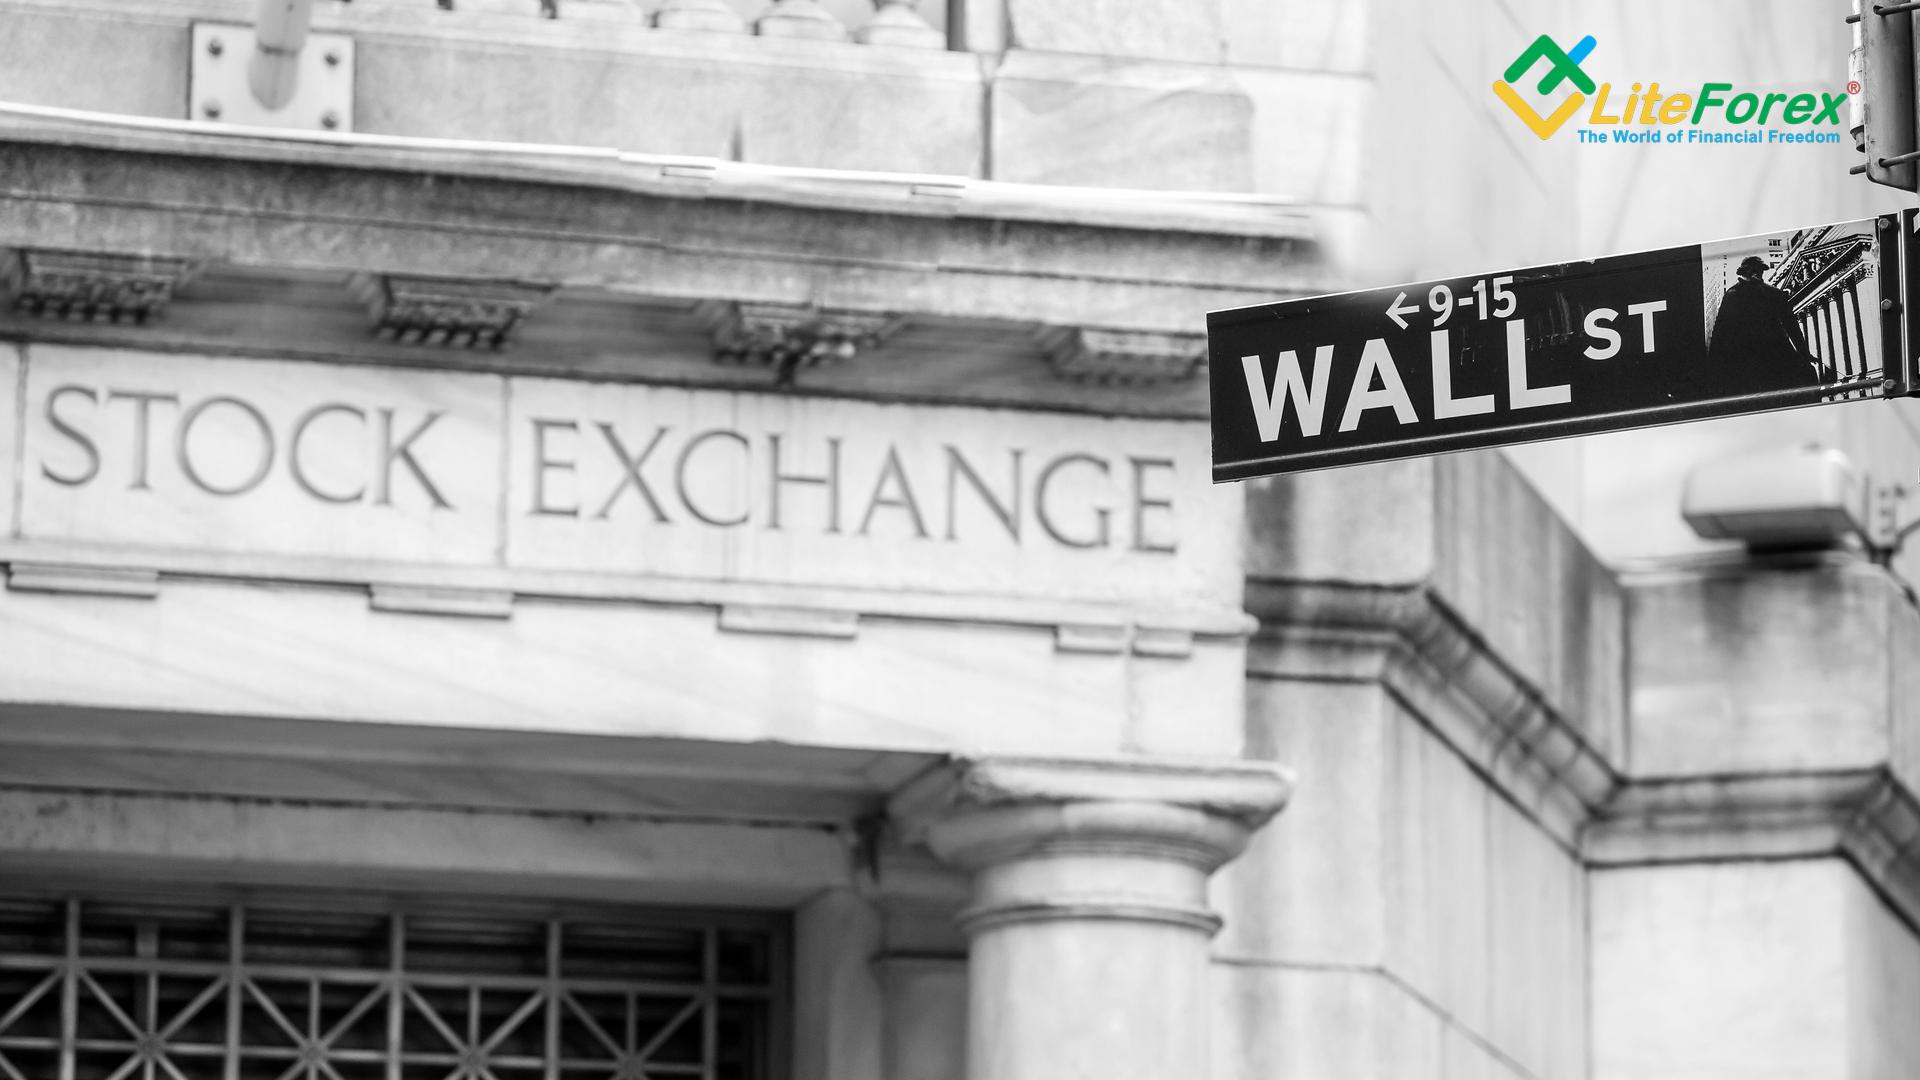 Zmiany w godzinach handlu z powodu Dnia Pamięci oraz wiosennego święta bankowego